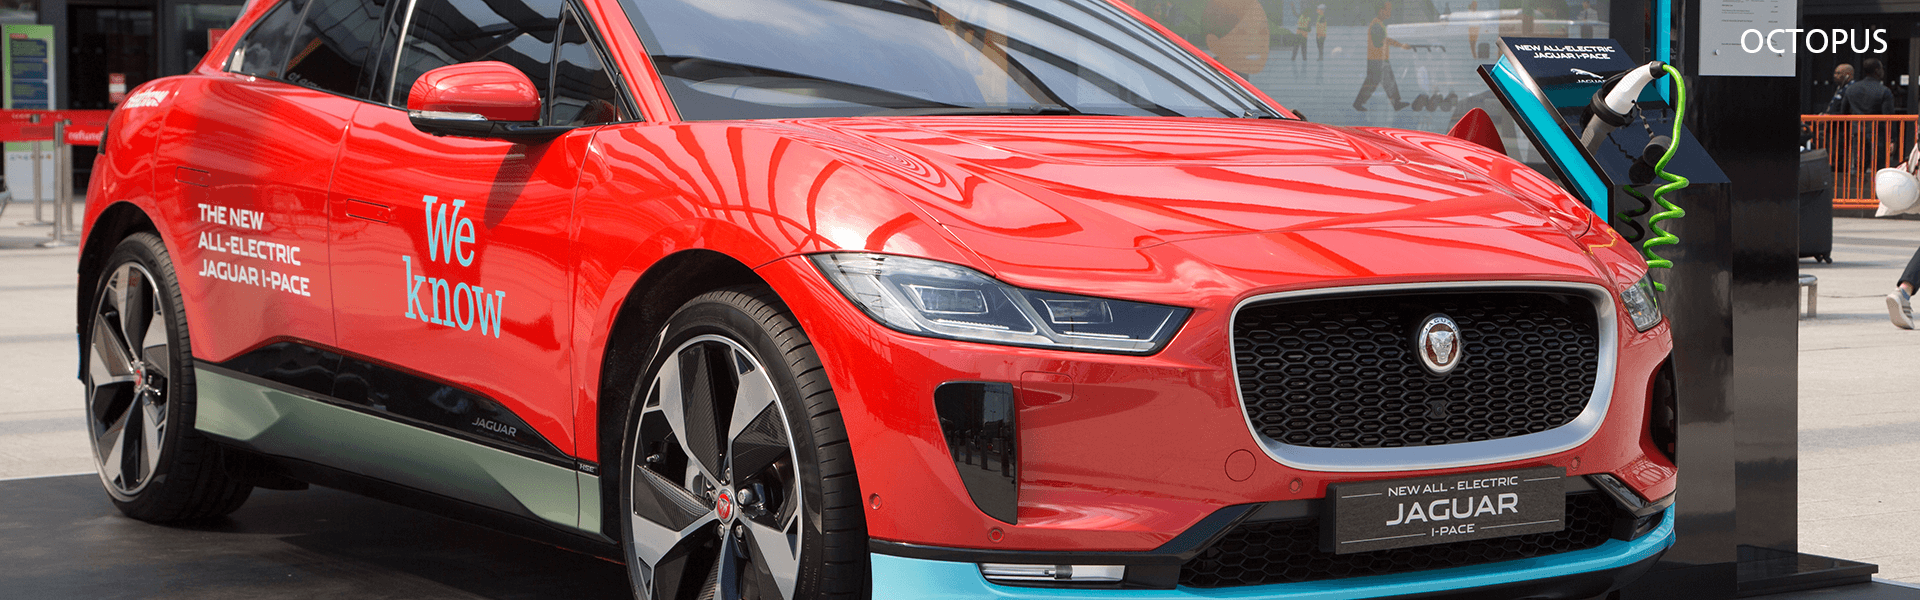 A photo of an electric Jaguar